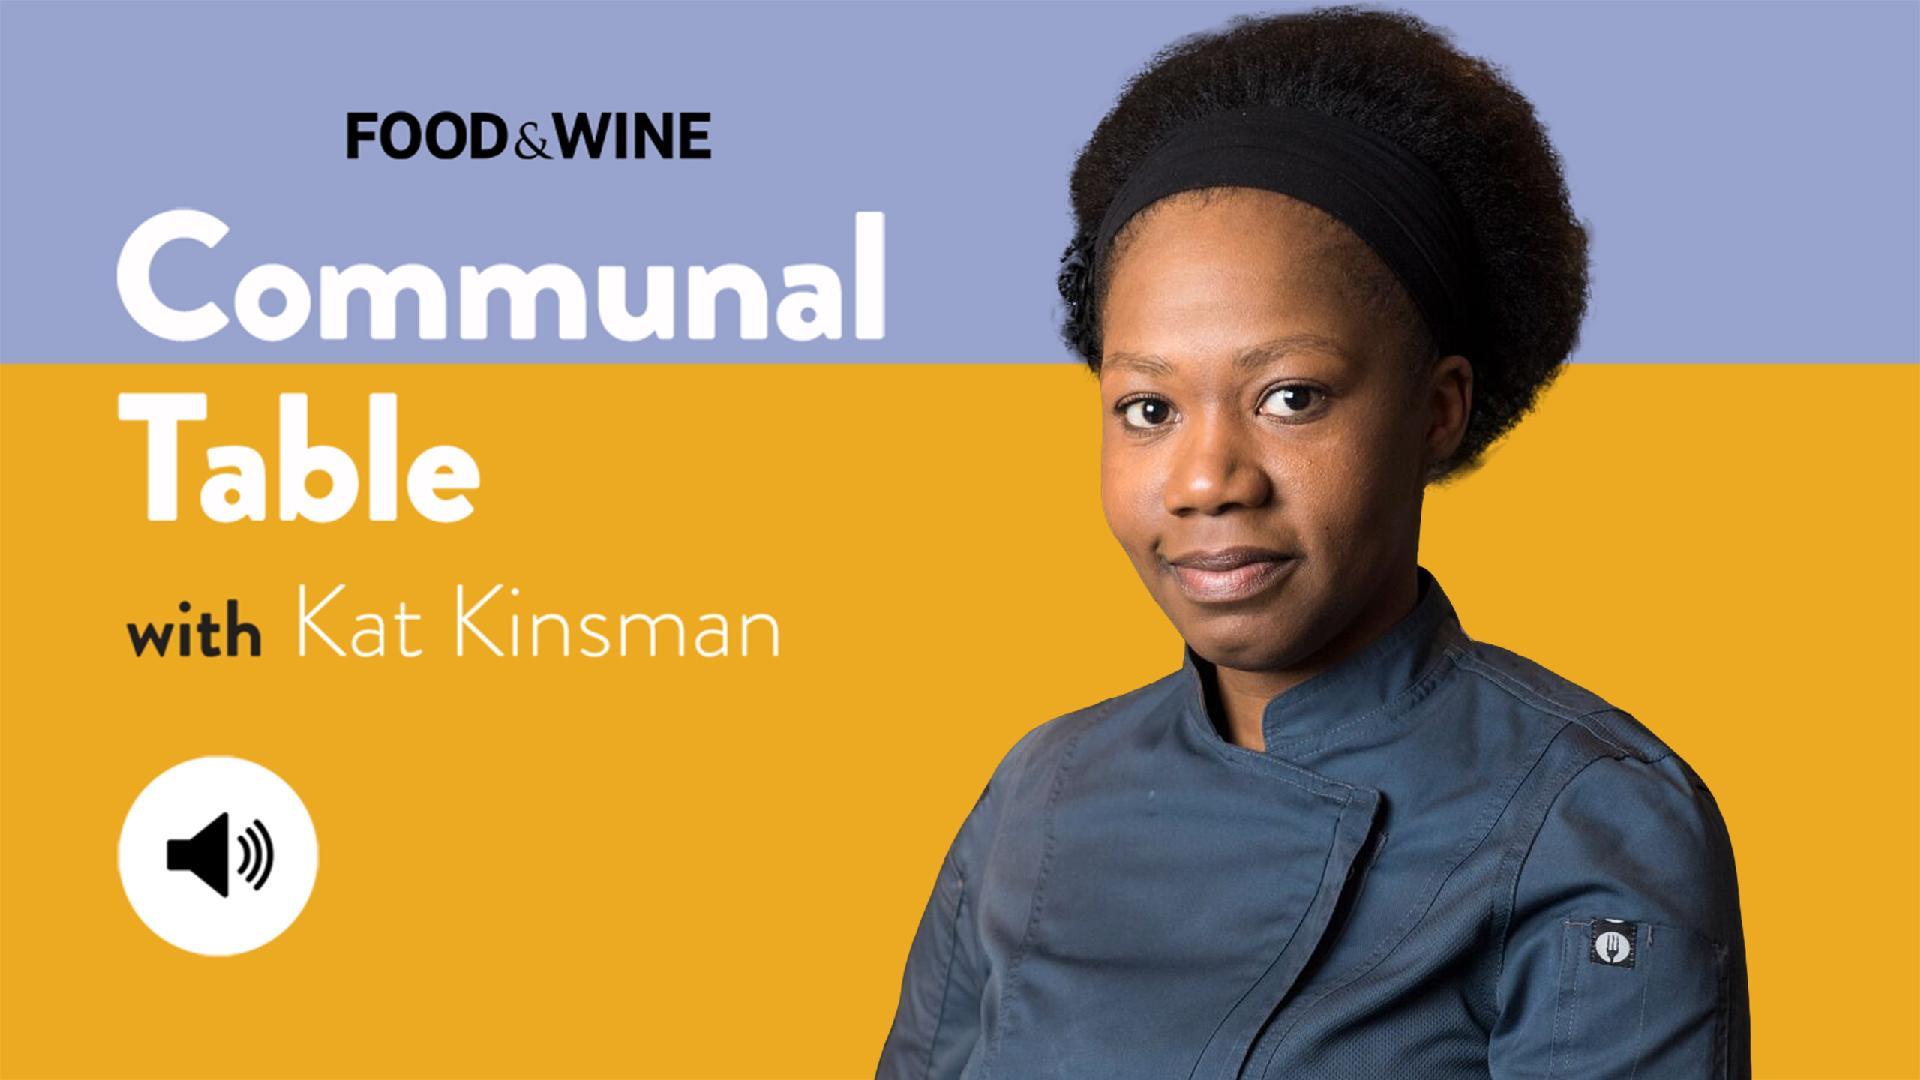 FOOD & WINE_COMMUNAL_TABLE_JESSICA CRAIG_V4